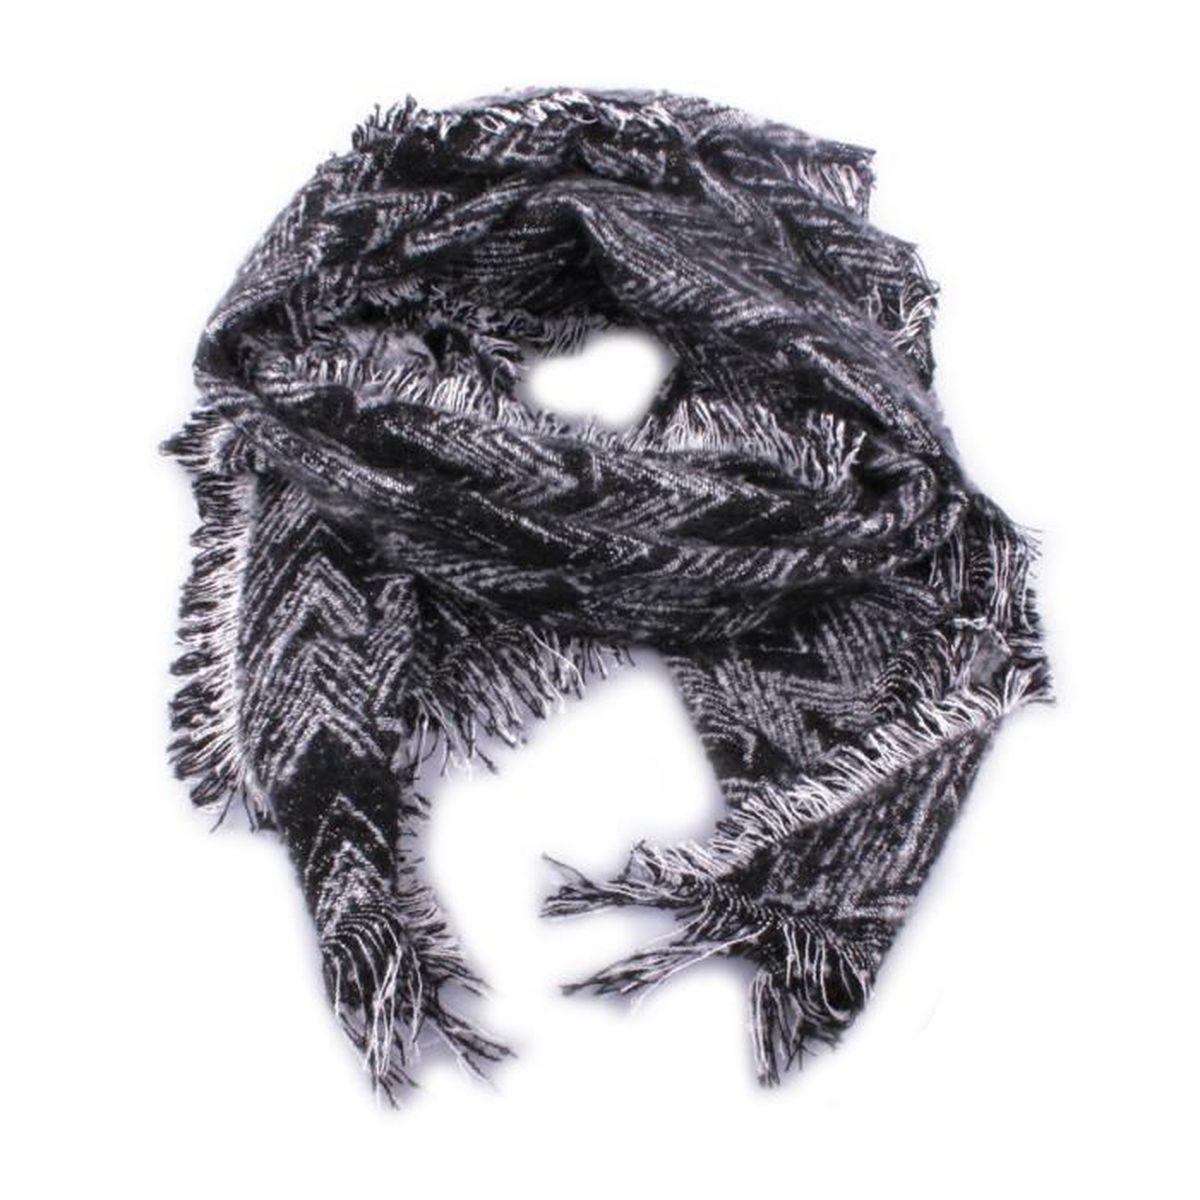 Grosse écharpe noire et blanche brillante Zebris Coindesfilles Noir ... 46b3ee08af7